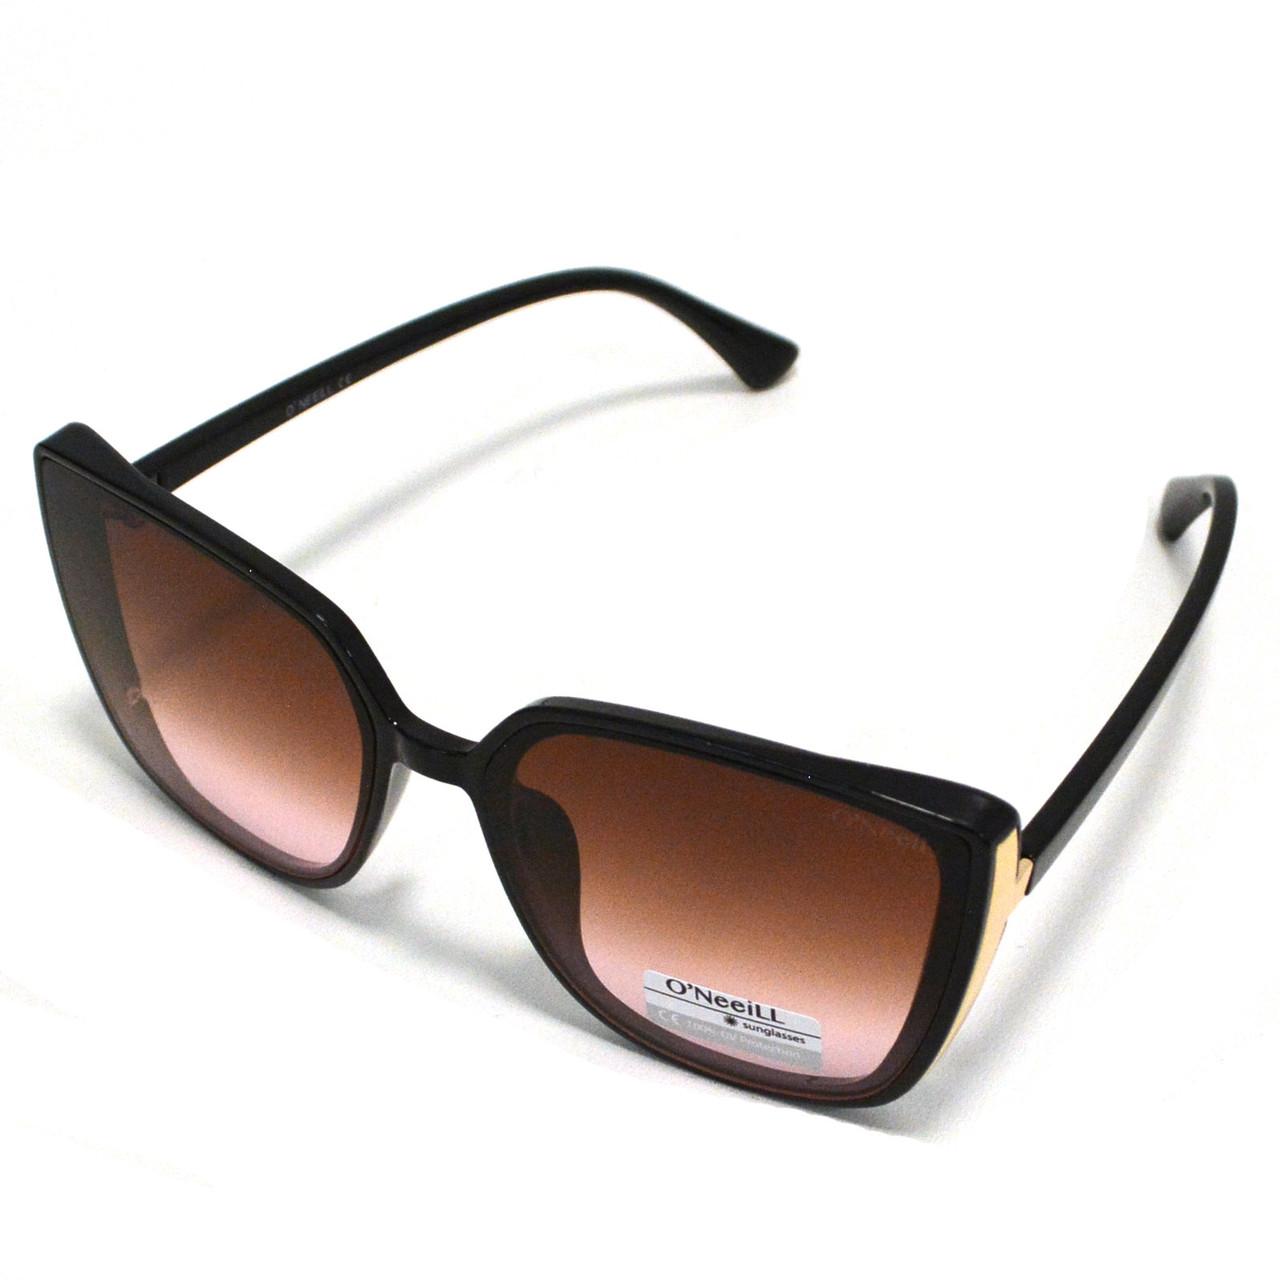 Солнцезащитные очки с коричневыми стеклами UV 400 O'NeeiLL D9105 черные - фото 3